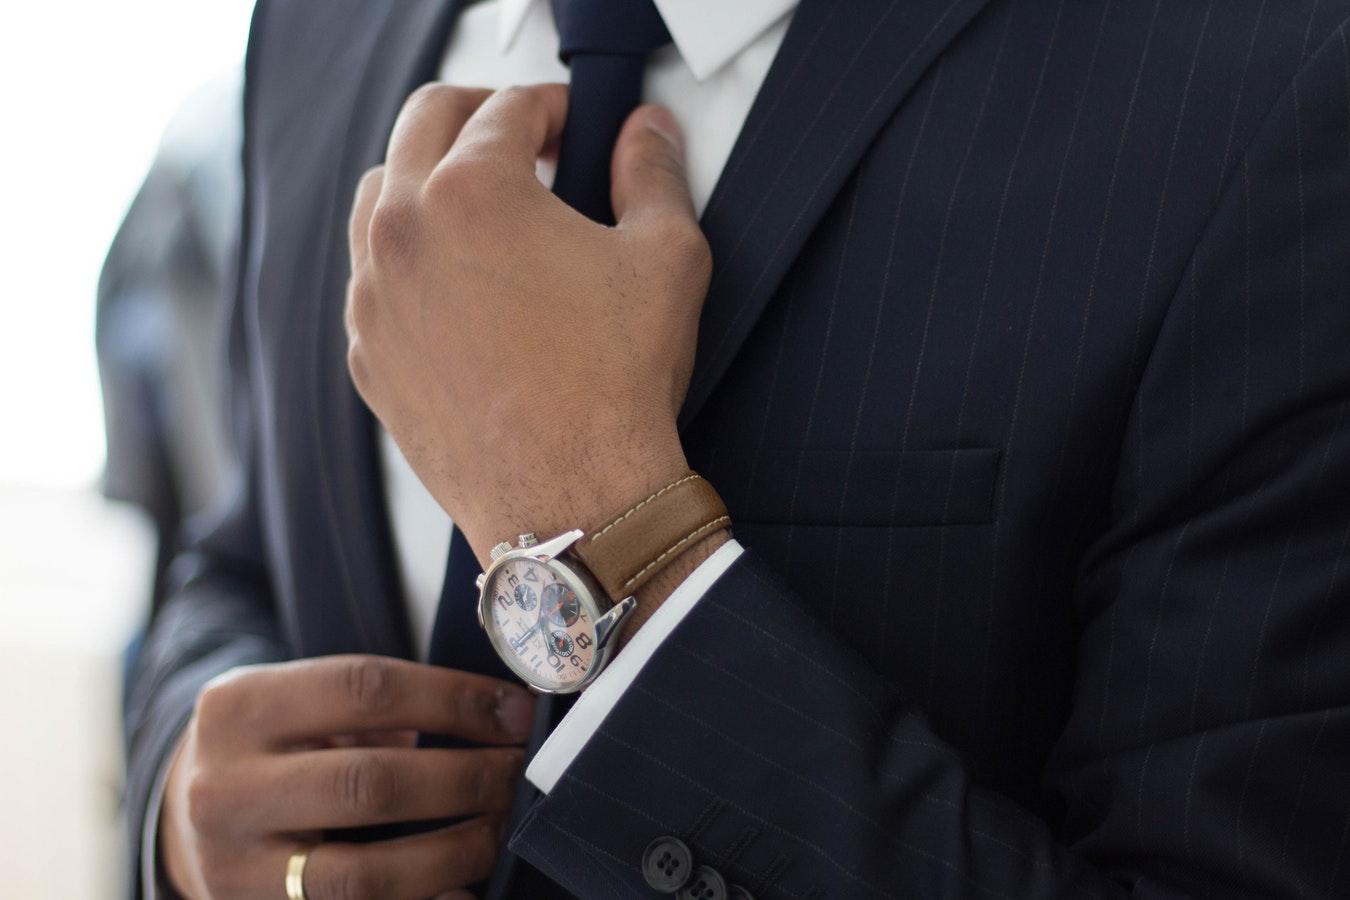 مطلوب موظفين مبيعات وتسويق لشركة عقارية في اسطنبول